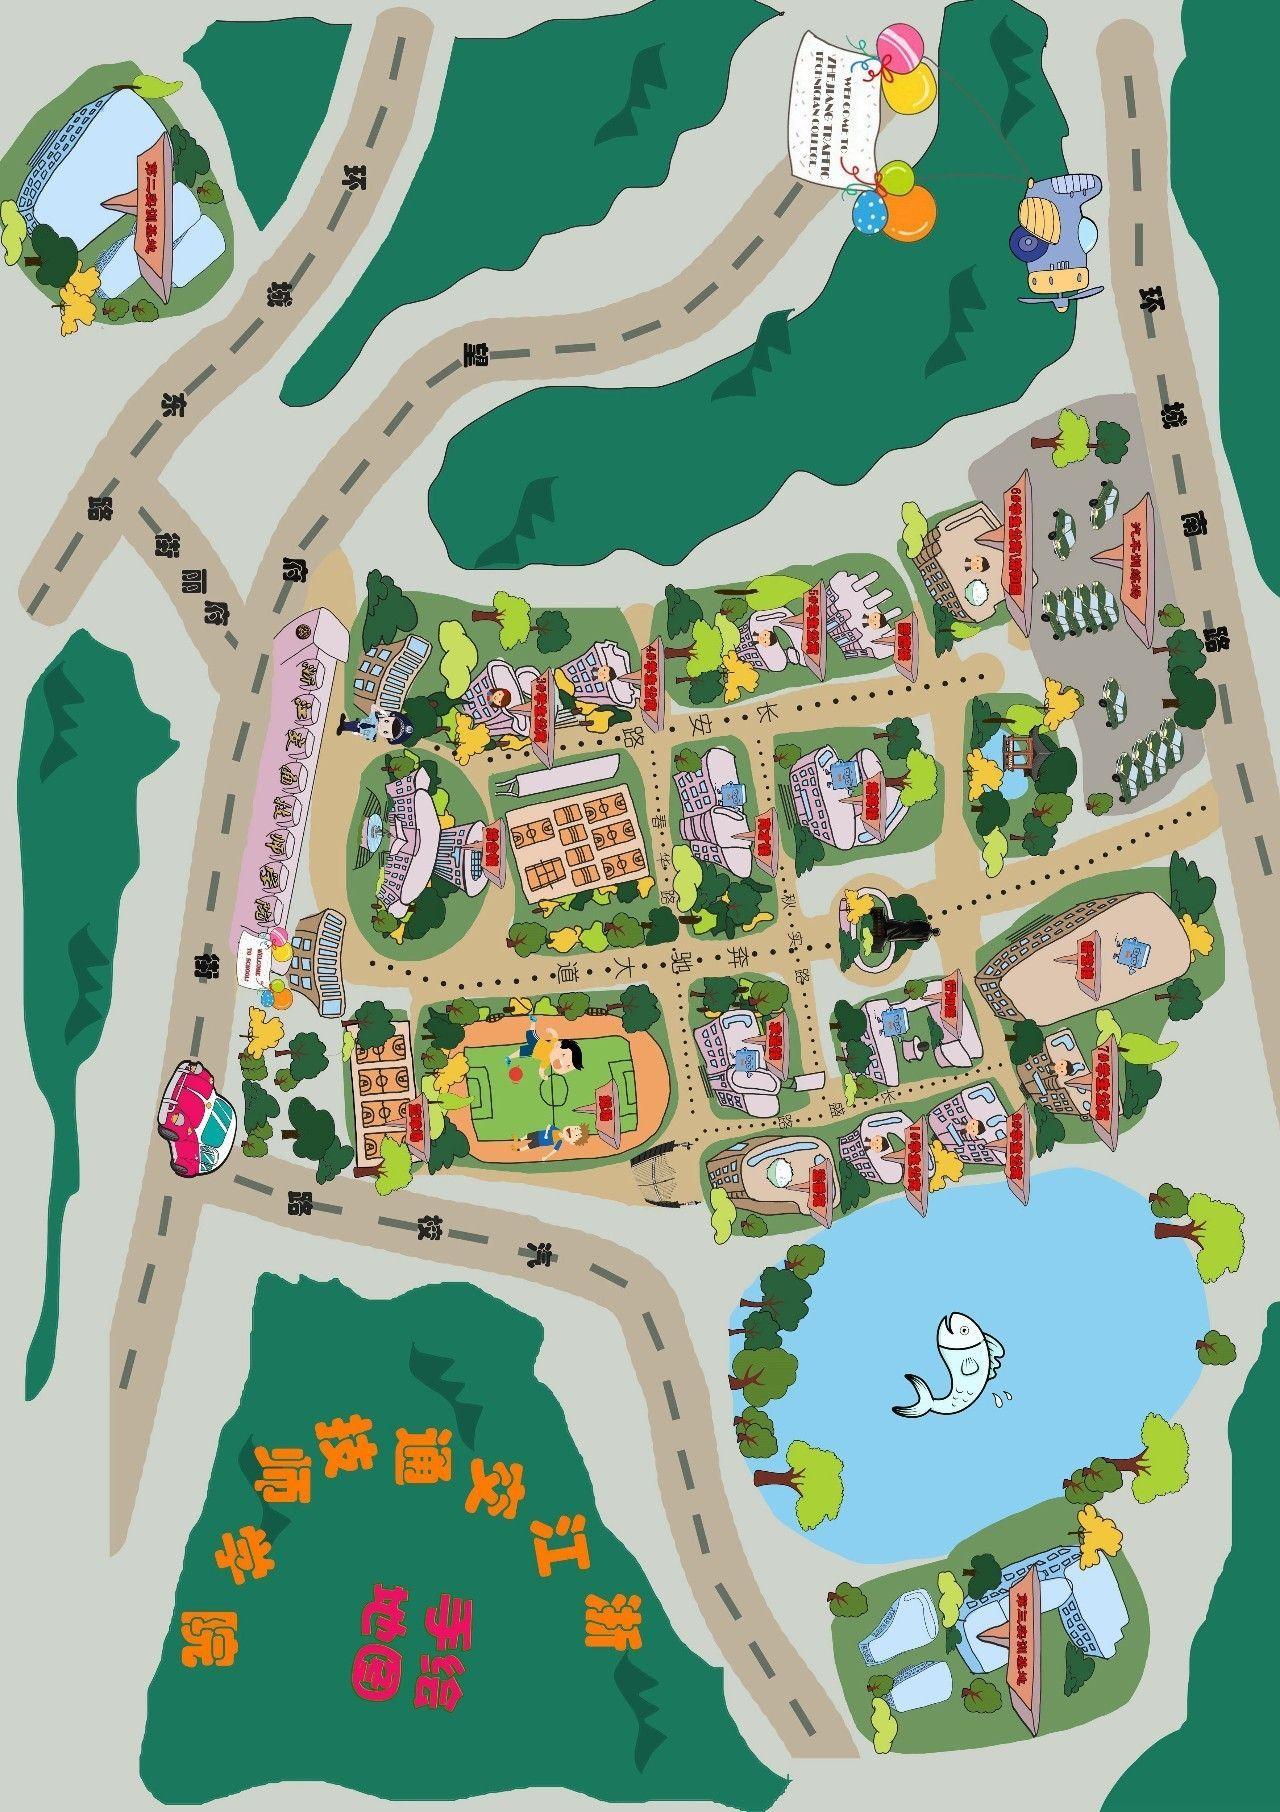 教育 正文  后来, 一幅萌萌哒手绘校园地图出现在了校园一角, 这个